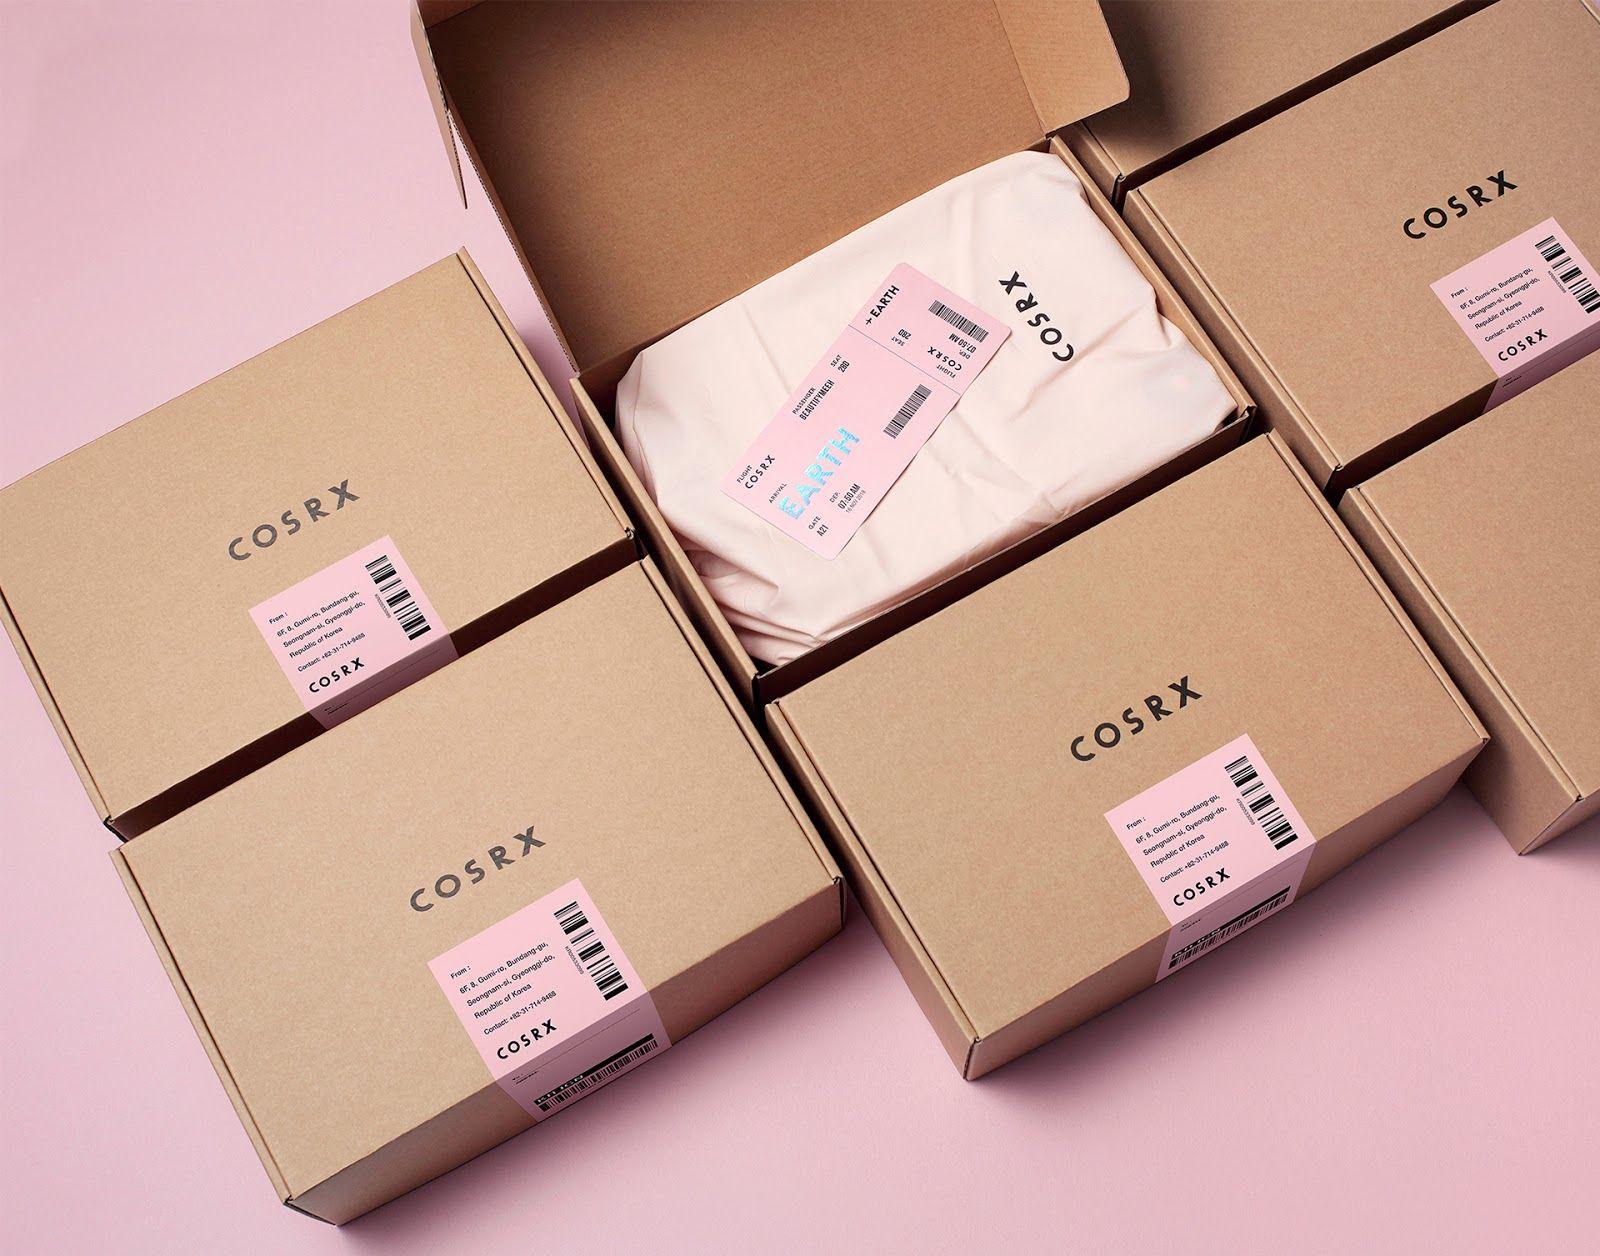 Balancium Comfort Ceramide Earth Cream Press Kit In 2020 With